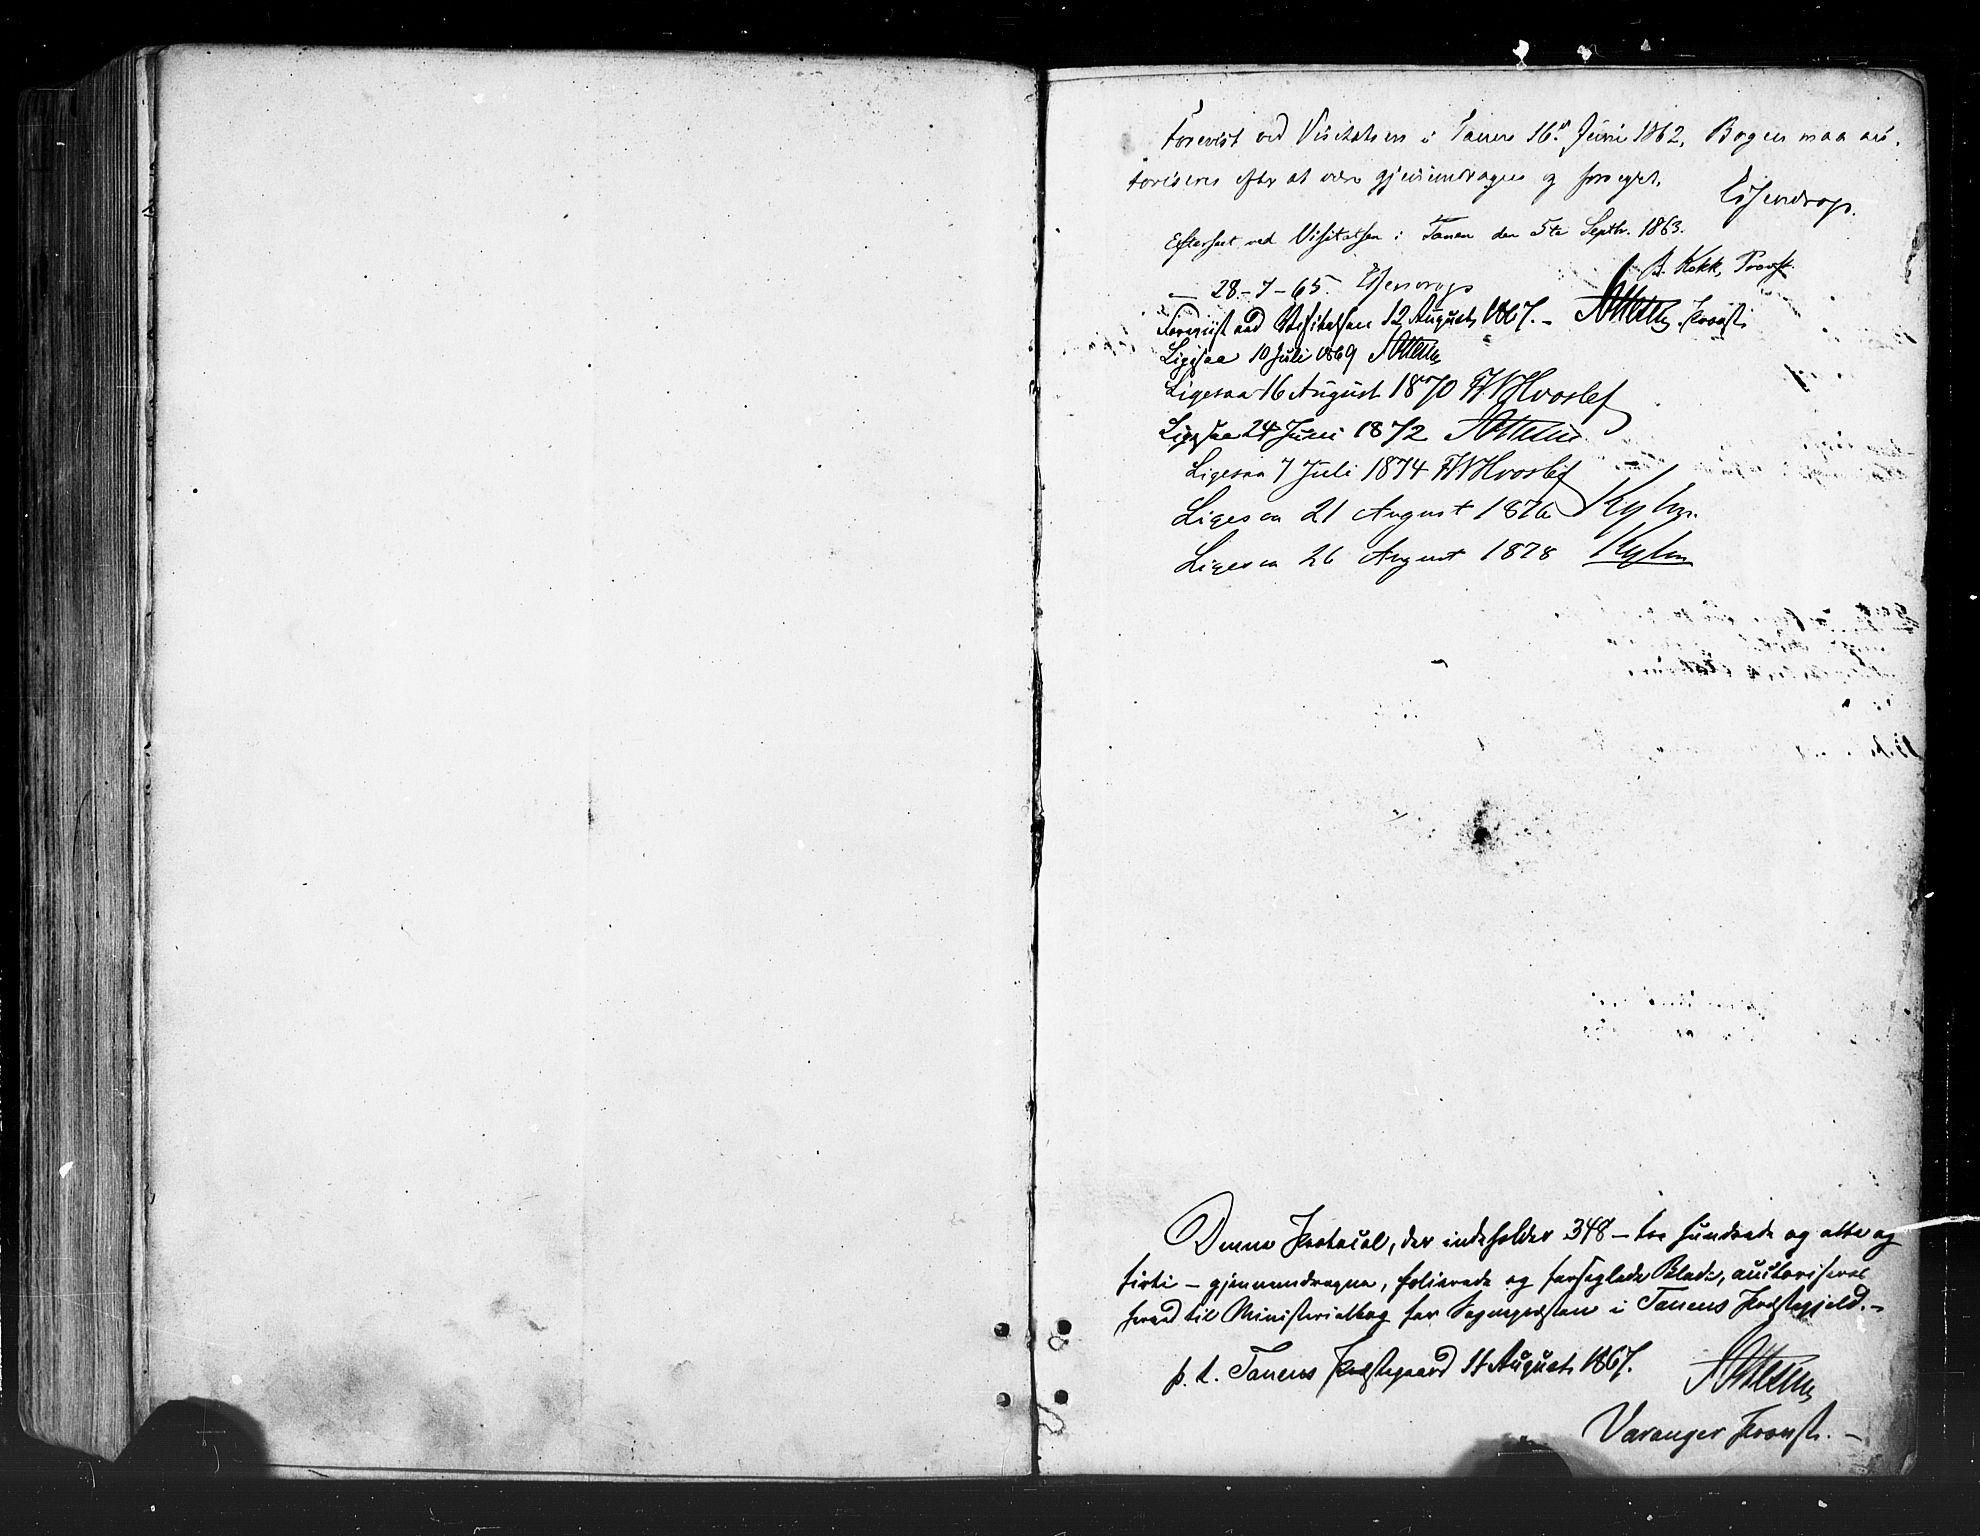 SATØ, Tana sokneprestkontor, H/Ha/L0002kirke: Ministerialbok nr. 2 /2, 1862-1877